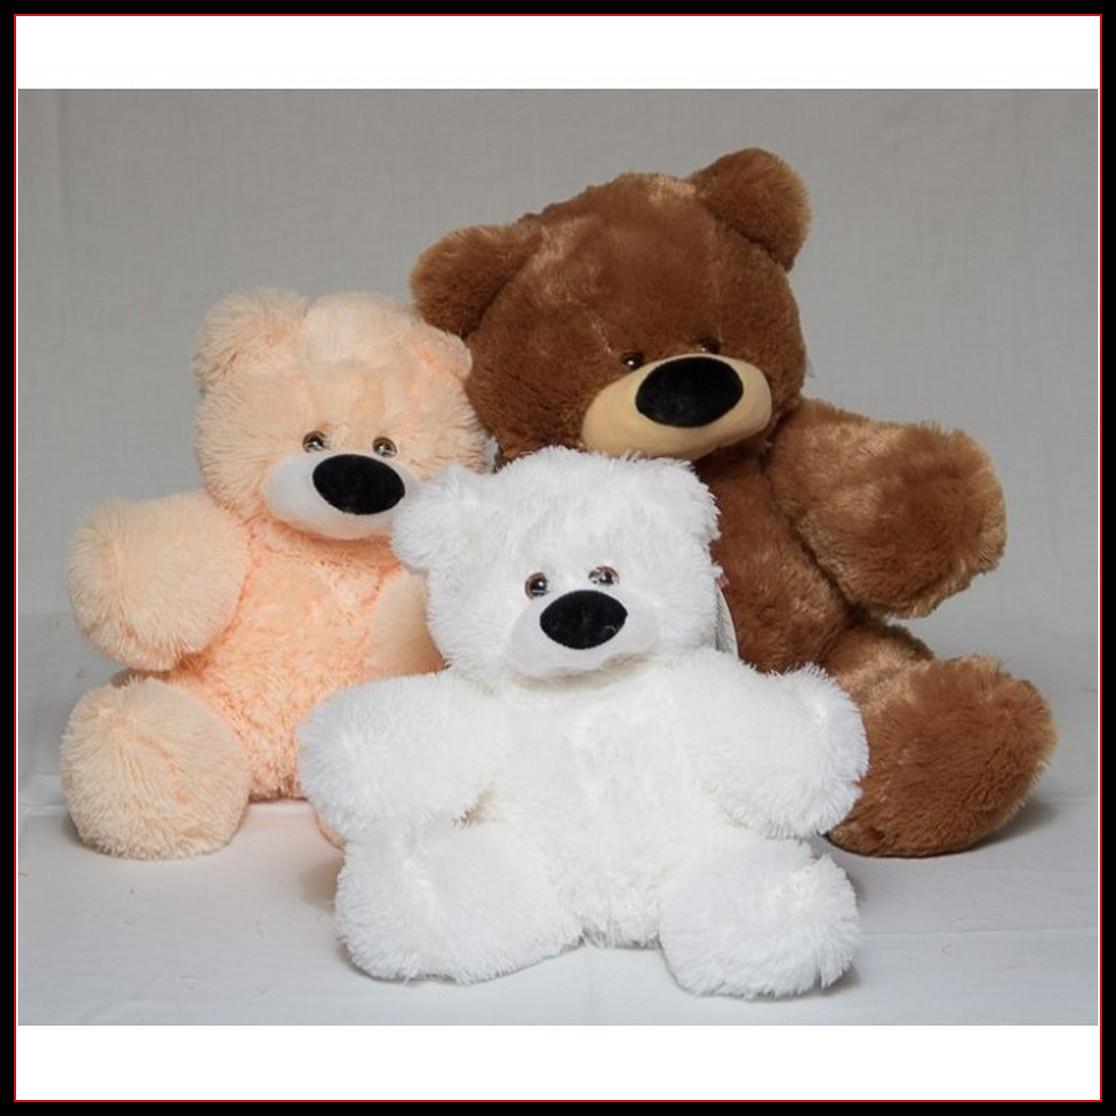 Милий сидячий ведмедик бублик м'яка іграшка 55 см персиковий